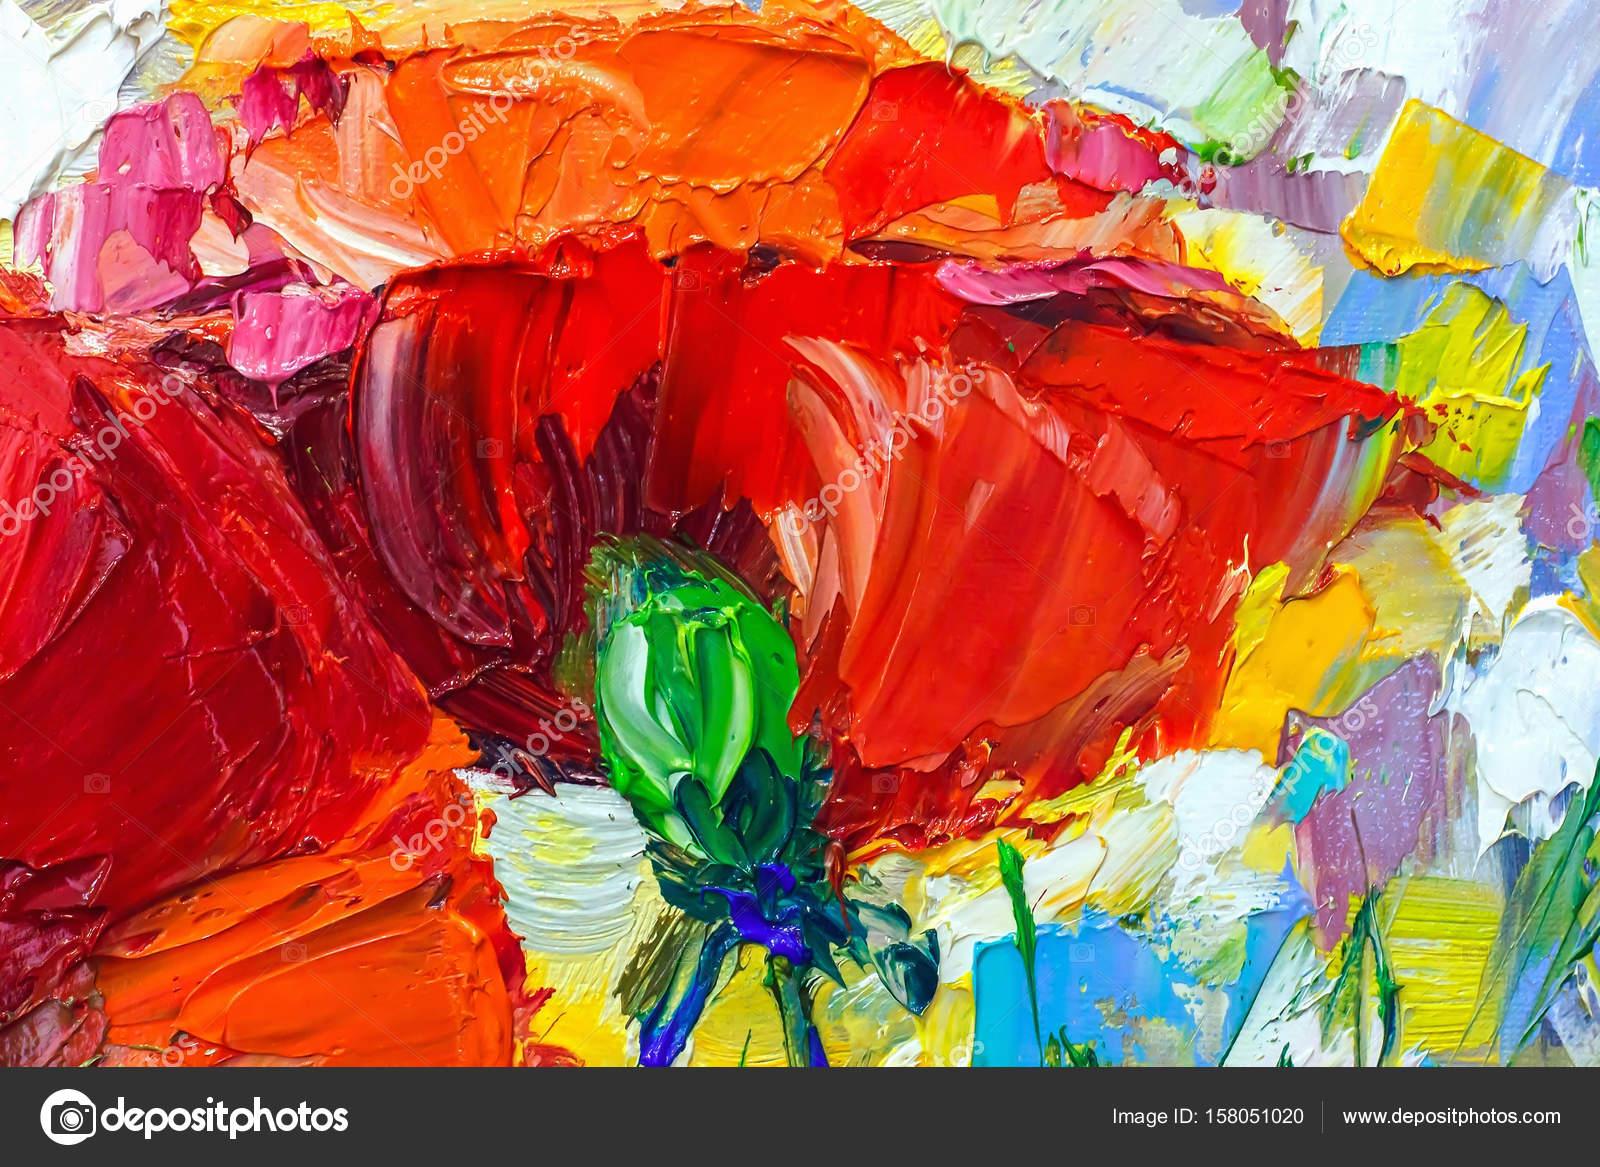 Obraz Olejny Impresjonizm Styl Malowanie Tekstury Stil Kwiat